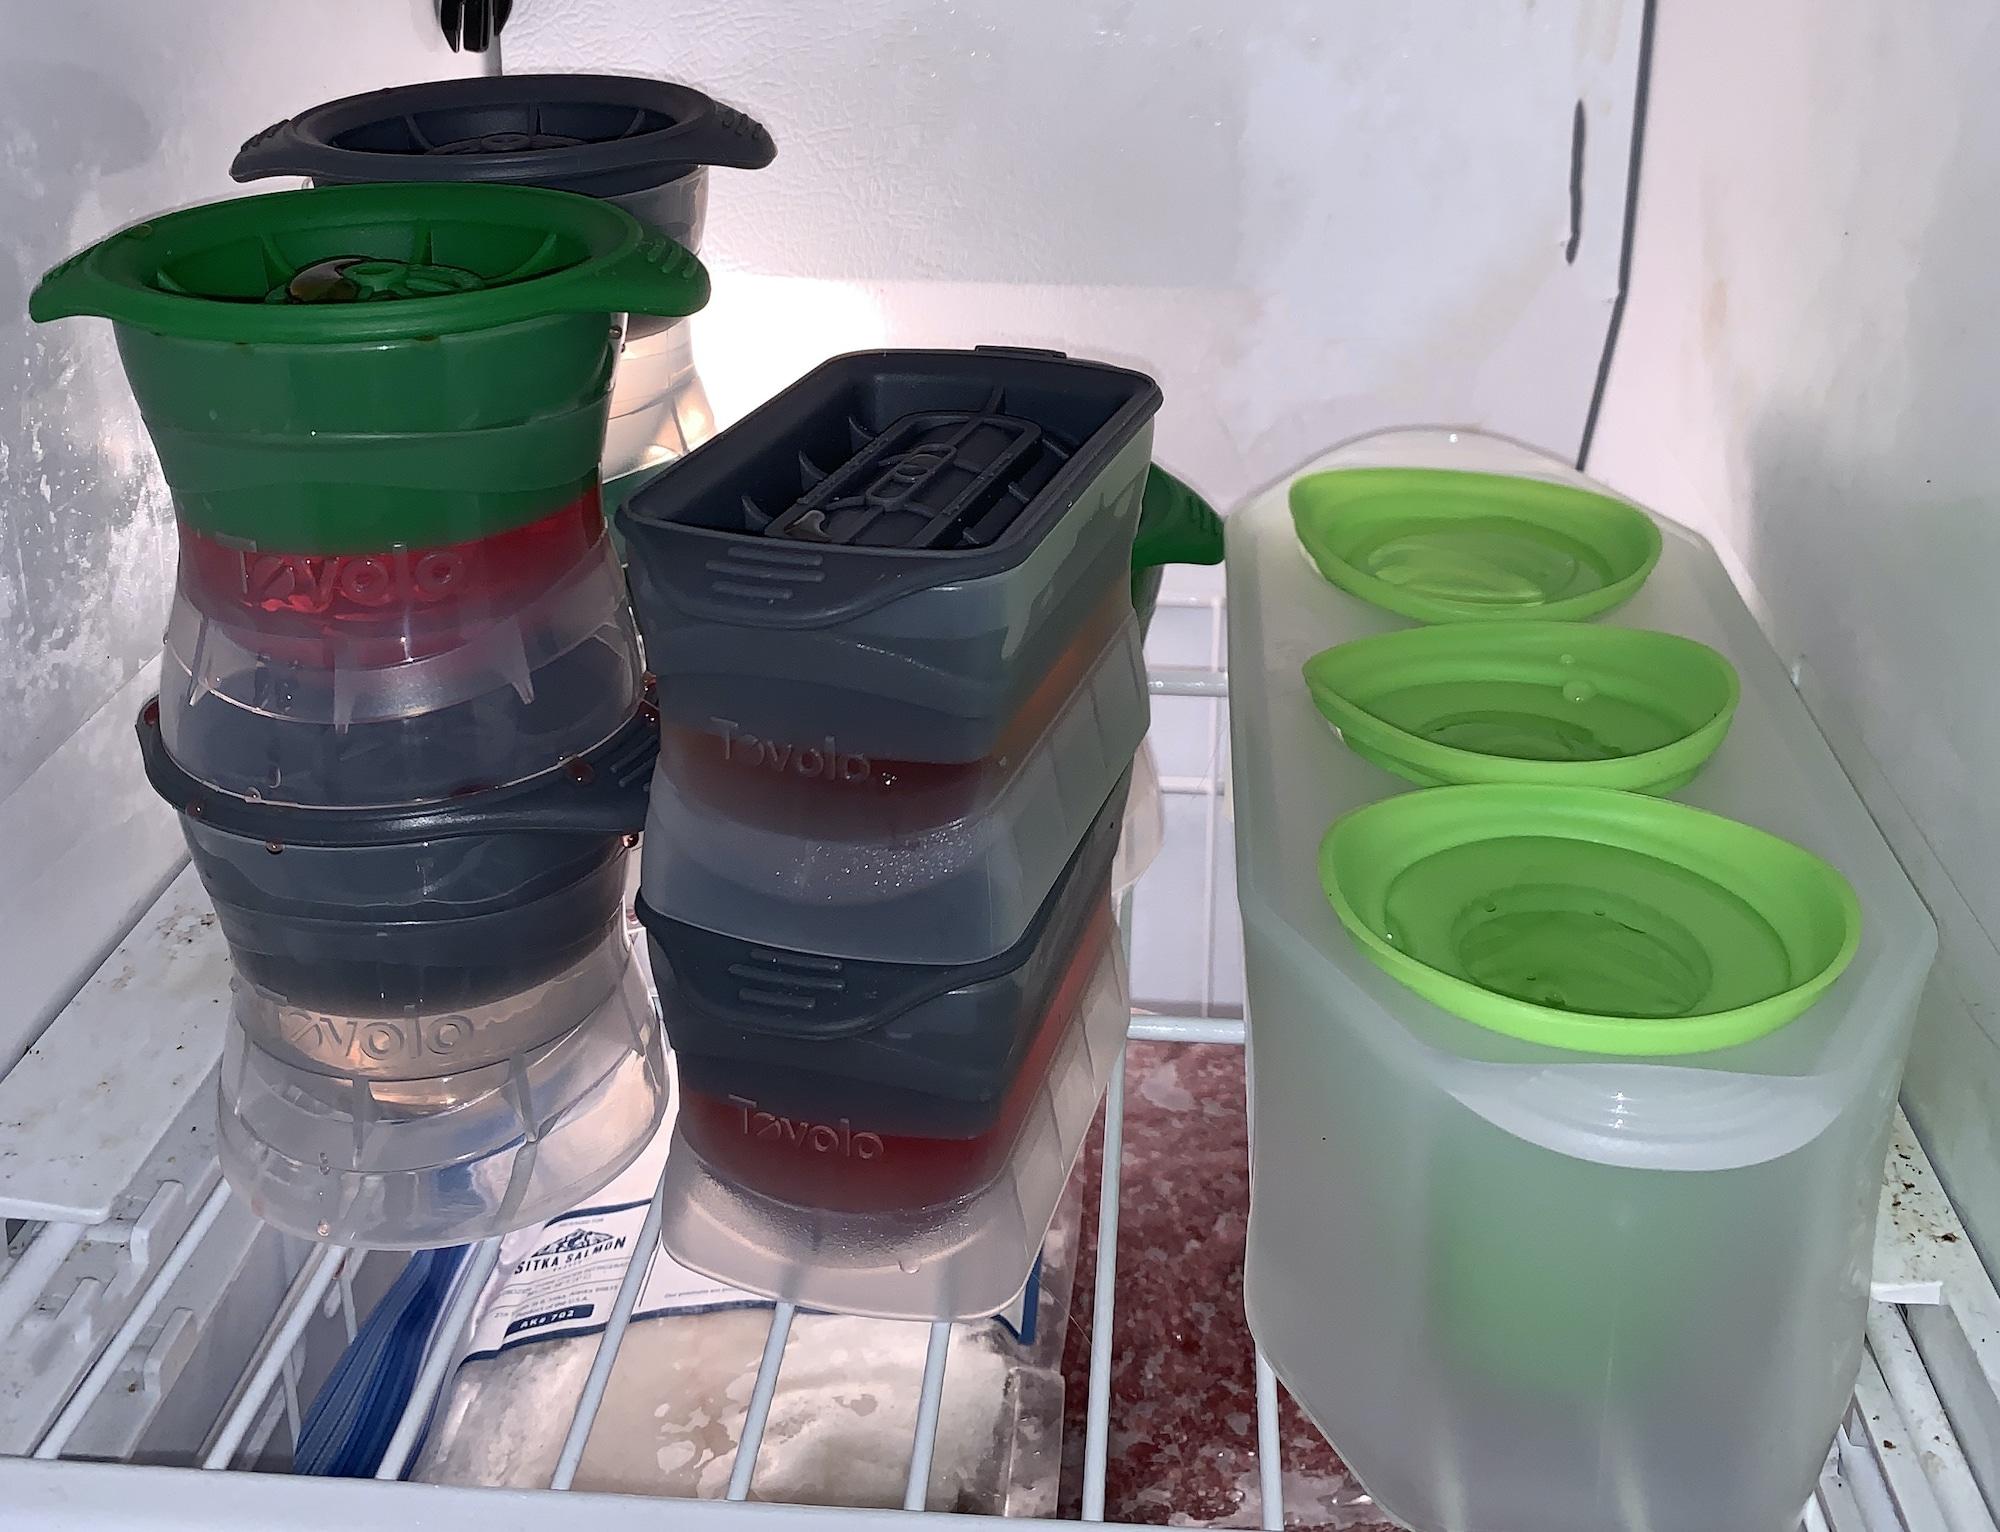 ice molds in freezer